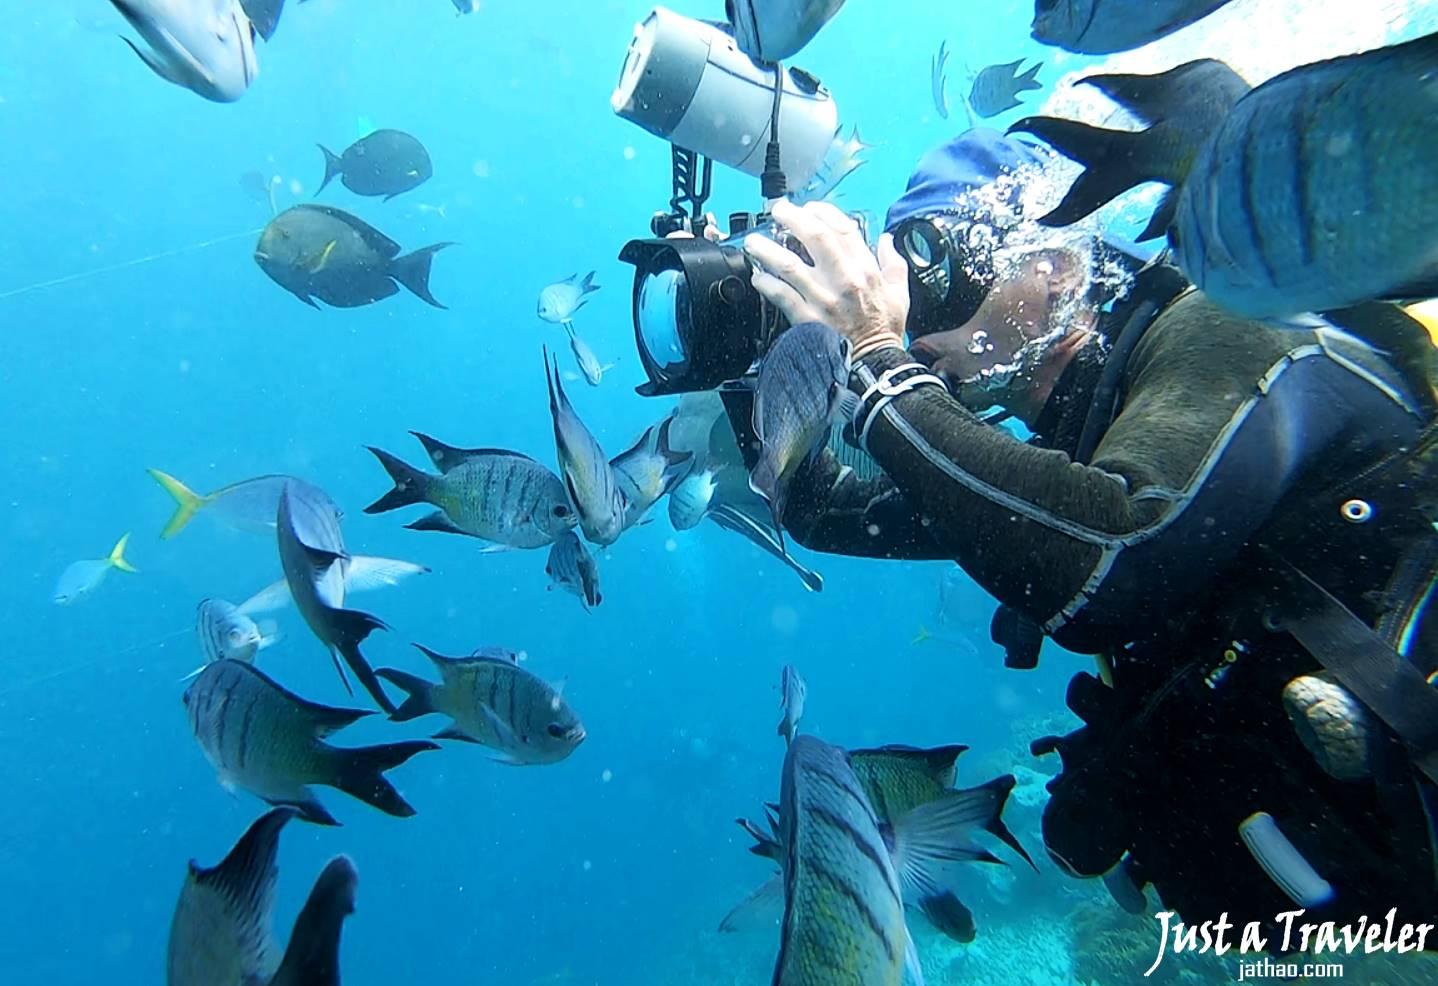 聖靈群島-景點-推薦-大堡礁-浮潛-潛水-行程-玩水-一日遊-遊記-攻略-自由行-旅遊-澳洲-Whitsundays-Great-Barrier-Reef